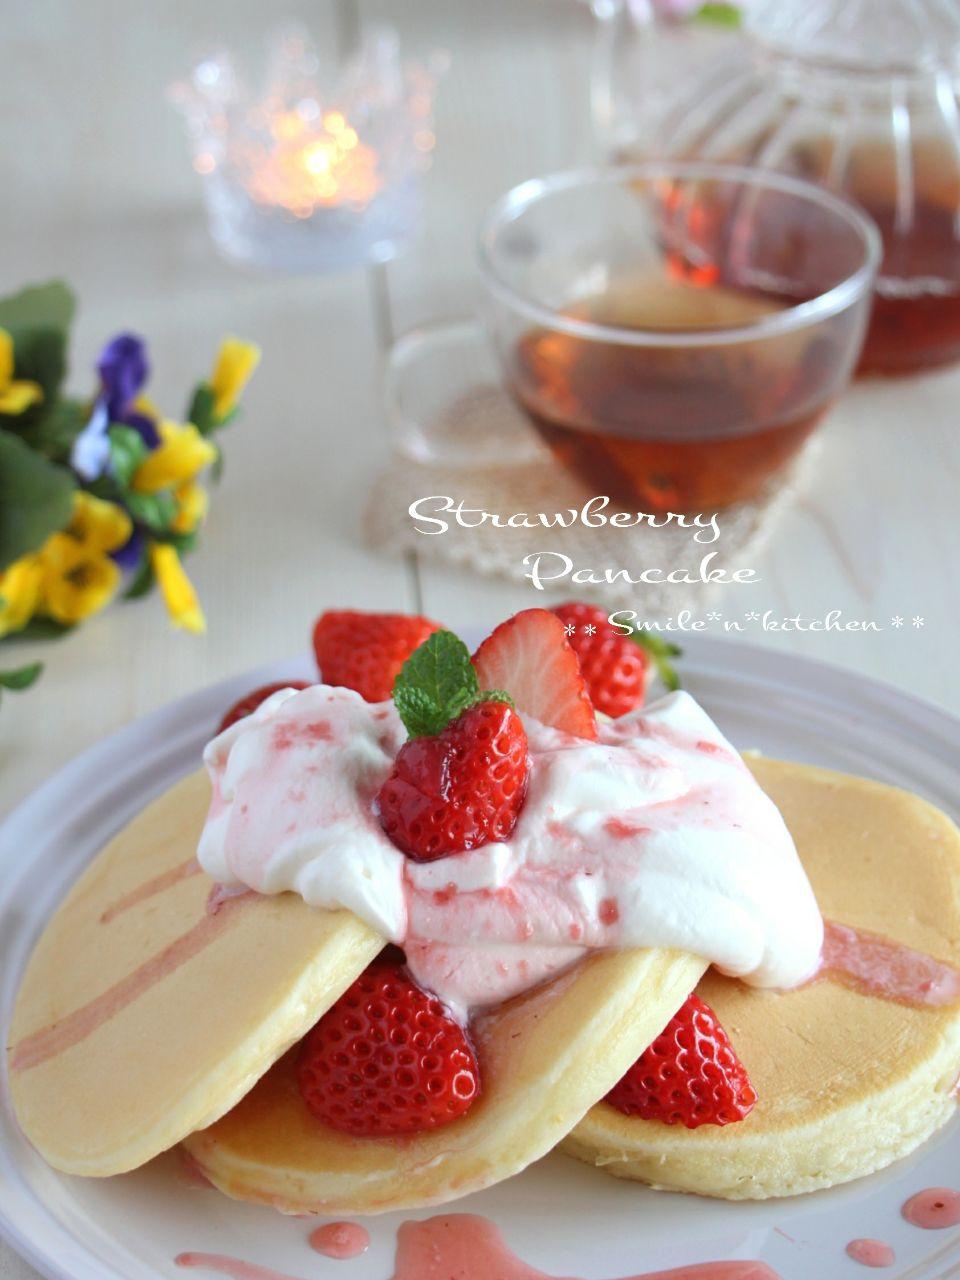 苺のパンケーキ ホットケーキミックス SnapDish 料理カメラ